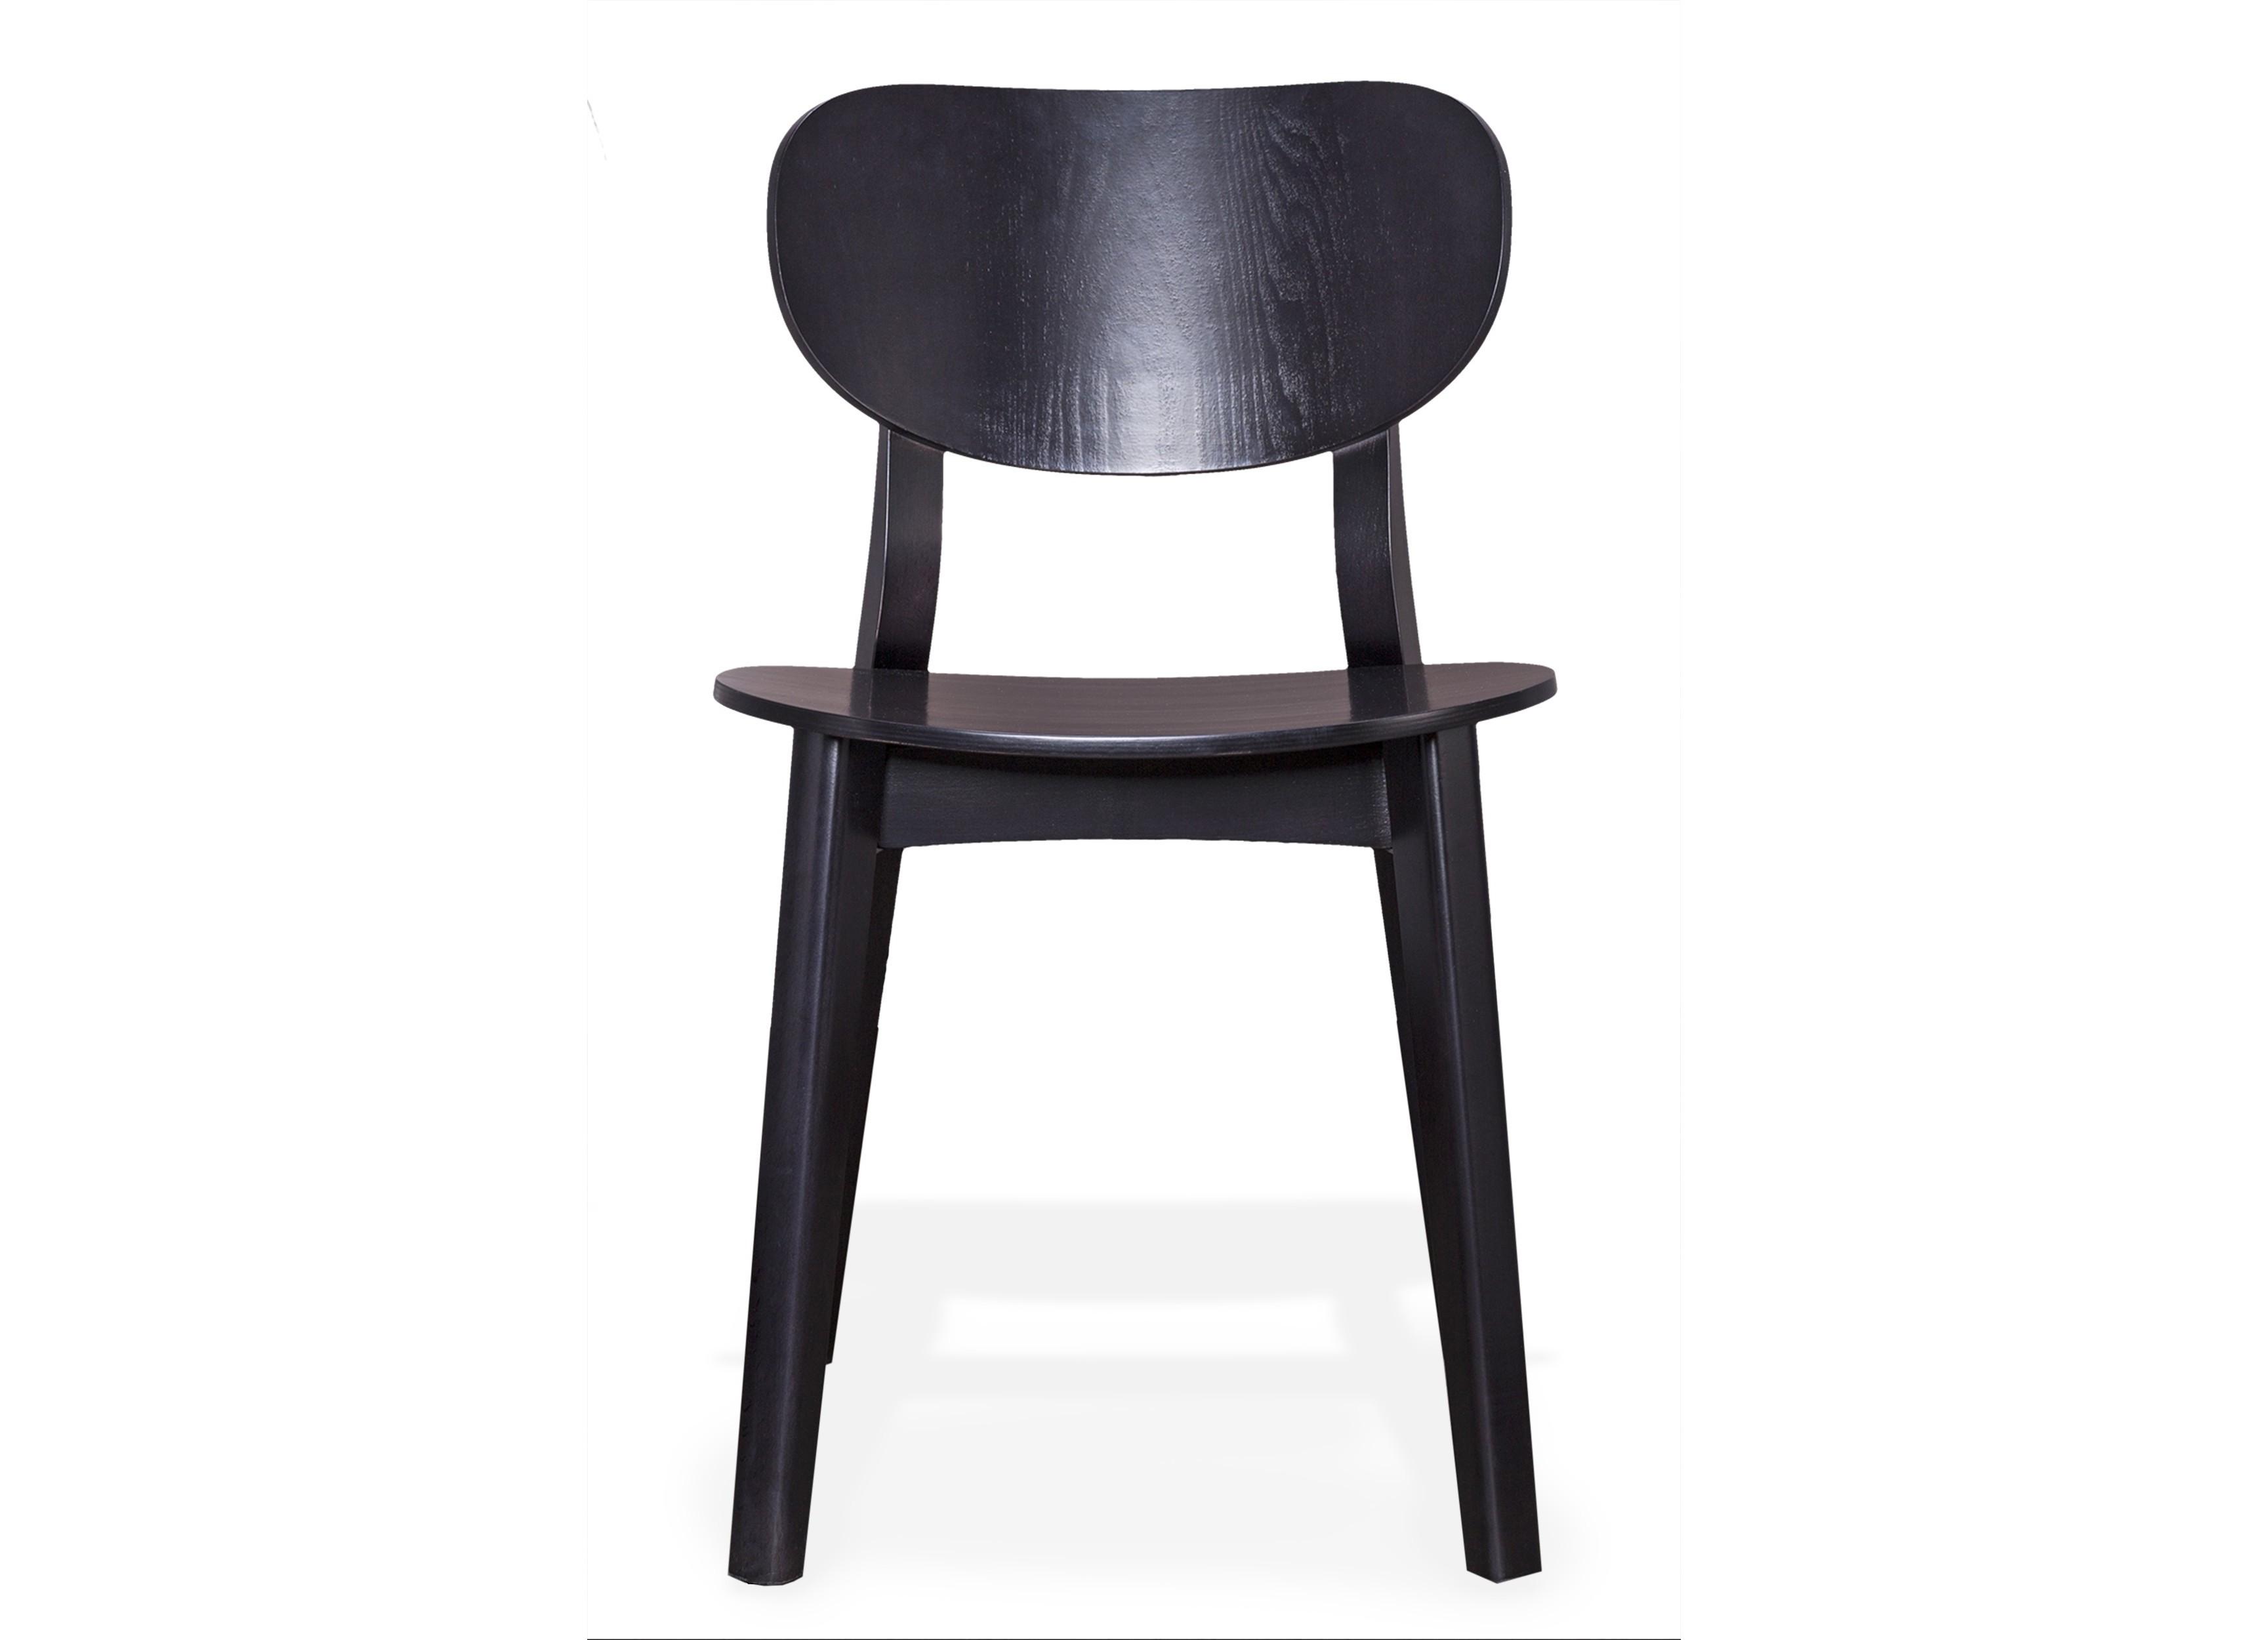 Стул XavierОбеденные стулья<br>&amp;lt;div&amp;gt;Этот стул подкупает своей универсальностью! Он будет идеально смотреться как дополнение к обеденному столу, так и станет акцентом для вашей творческой студии. Само воплощение скандинавской классики.&amp;lt;/div&amp;gt;&amp;lt;div&amp;gt;&amp;lt;br&amp;gt;&amp;lt;/div&amp;gt;&amp;lt;div&amp;gt;Высота сидения: 45 см.&amp;lt;br&amp;gt;&amp;lt;/div&amp;gt;<br><br>Material: Бук<br>Ширина см: 46<br>Высота см: 79<br>Глубина см: 45